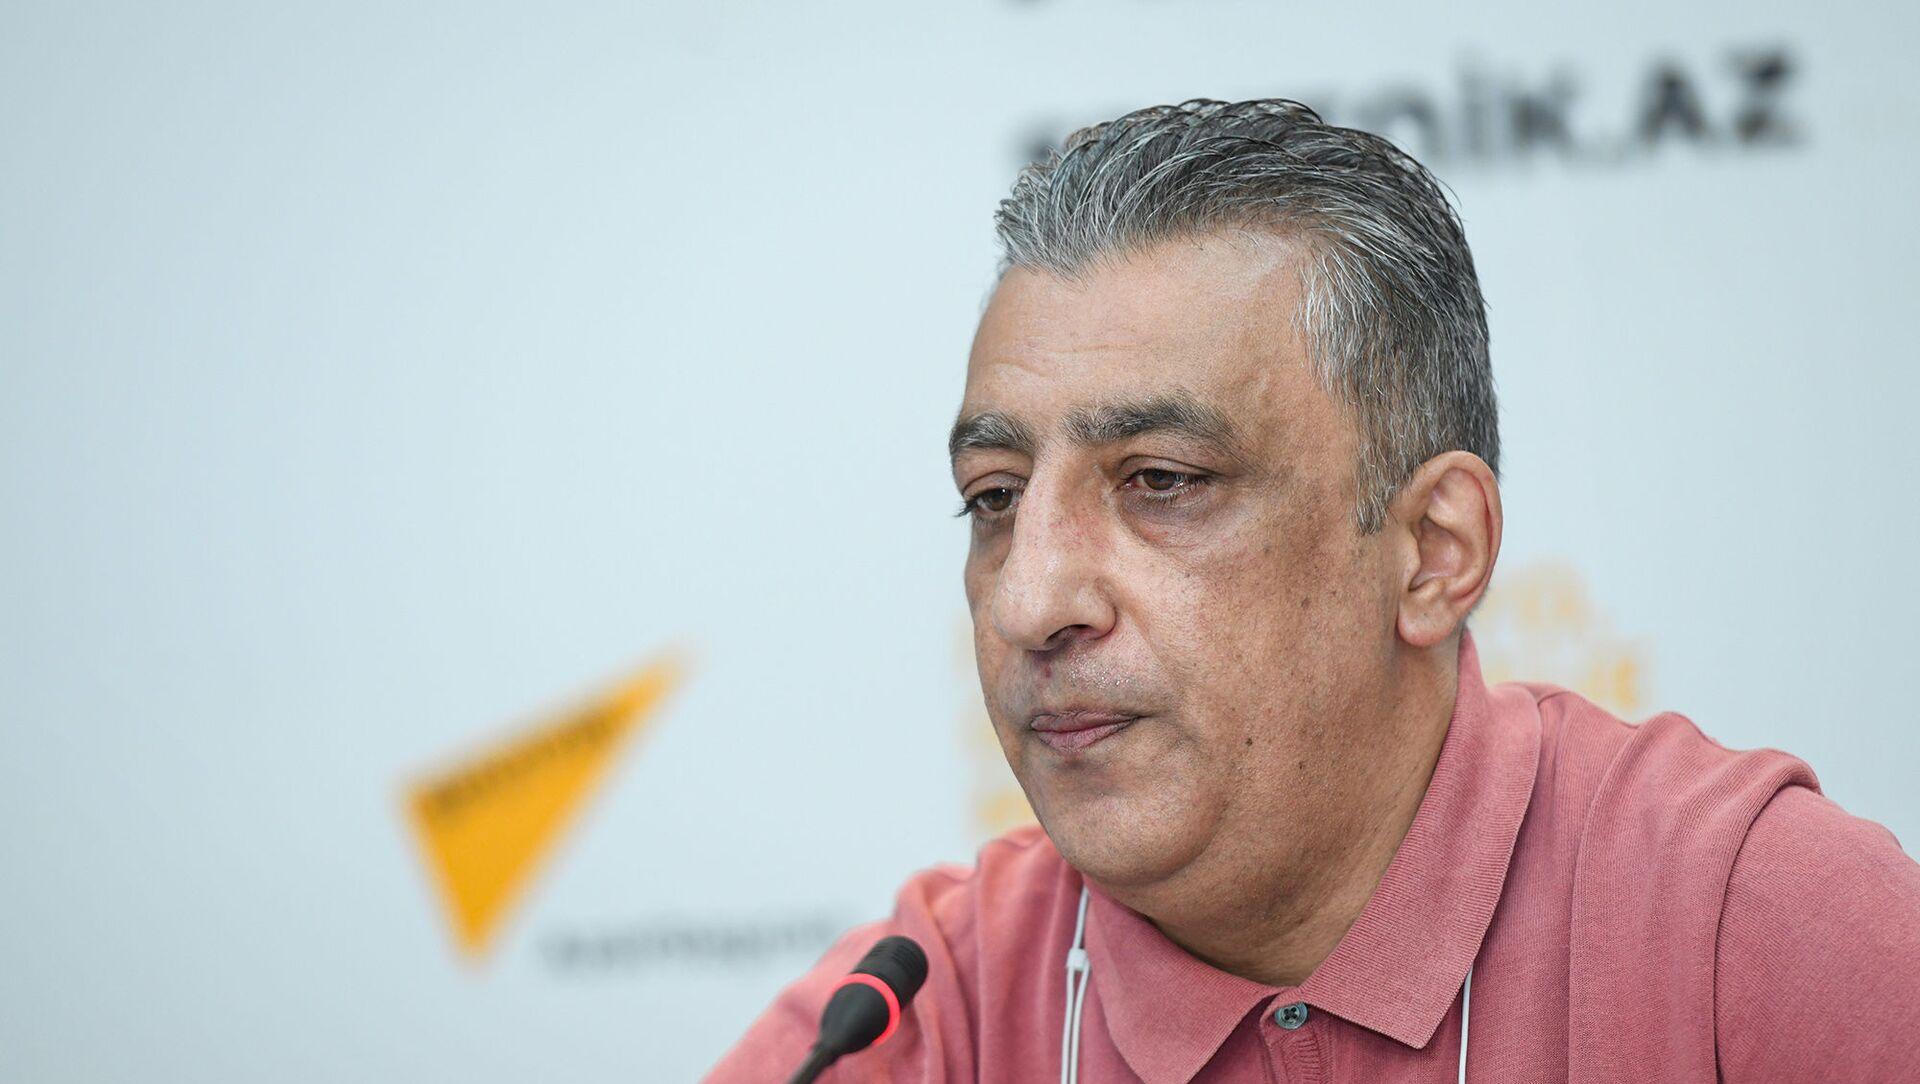 Председатель правления Ассоциации отелей и ресторанов Азербайджана Самир Дюбенди - Sputnik Азербайджан, 1920, 17.08.2021